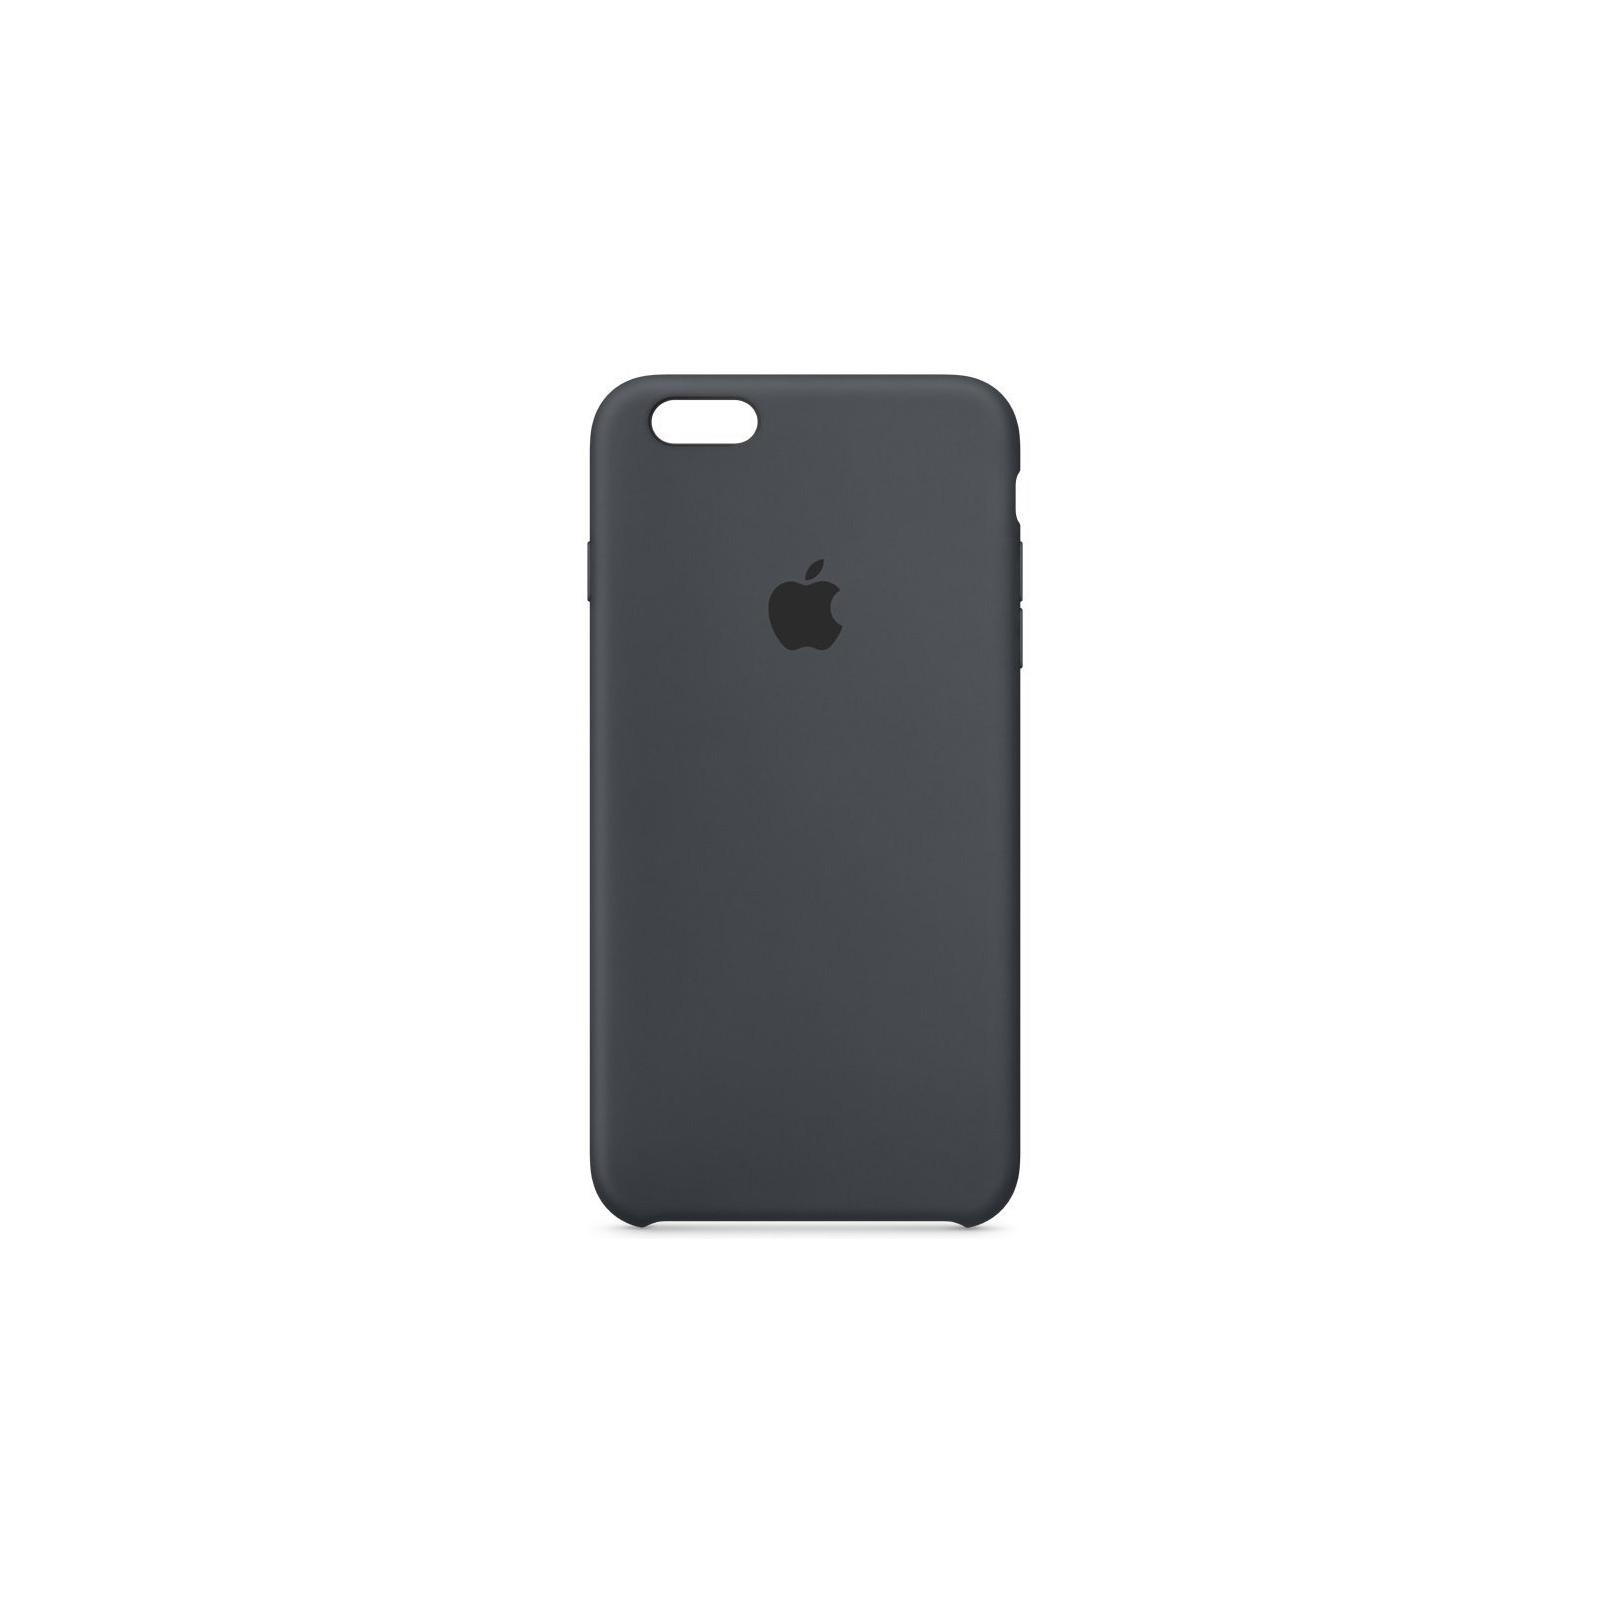 Чехол для моб. телефона Apple для iPhone 6 Plus/6s Plus Charcoal Gray (MKXJ2ZM/A)